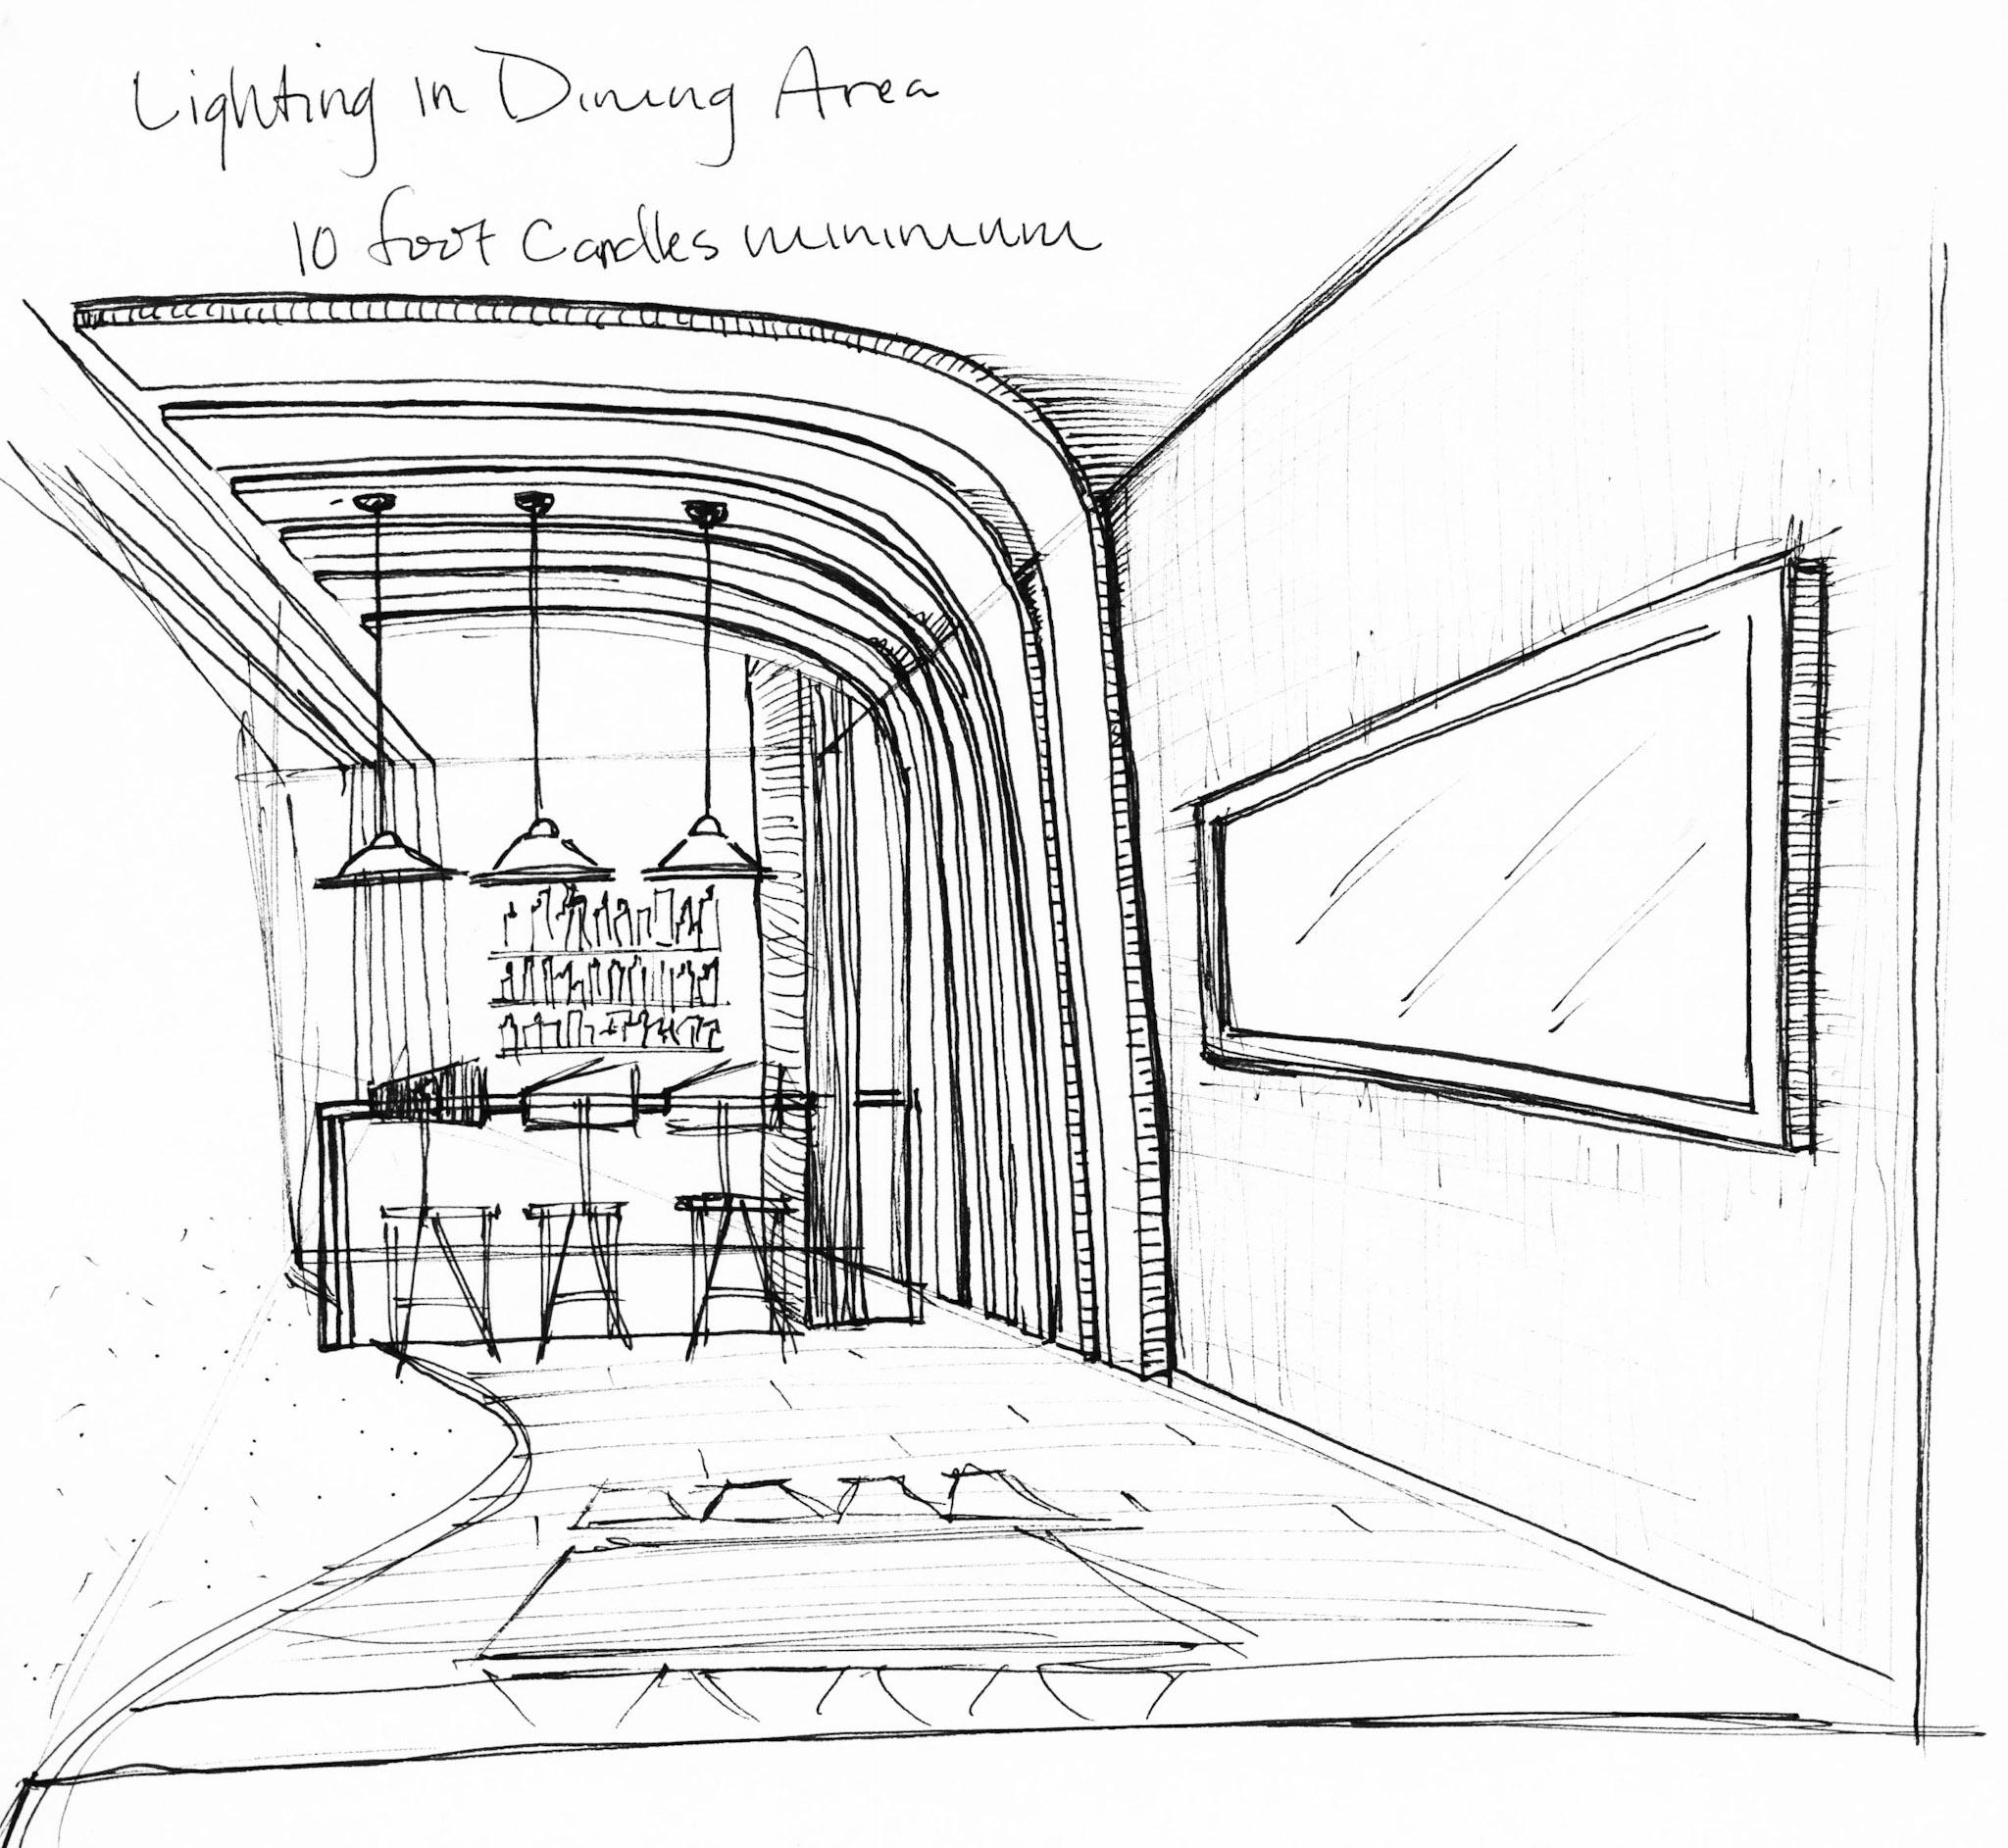 Hand drawn conceptual sketch